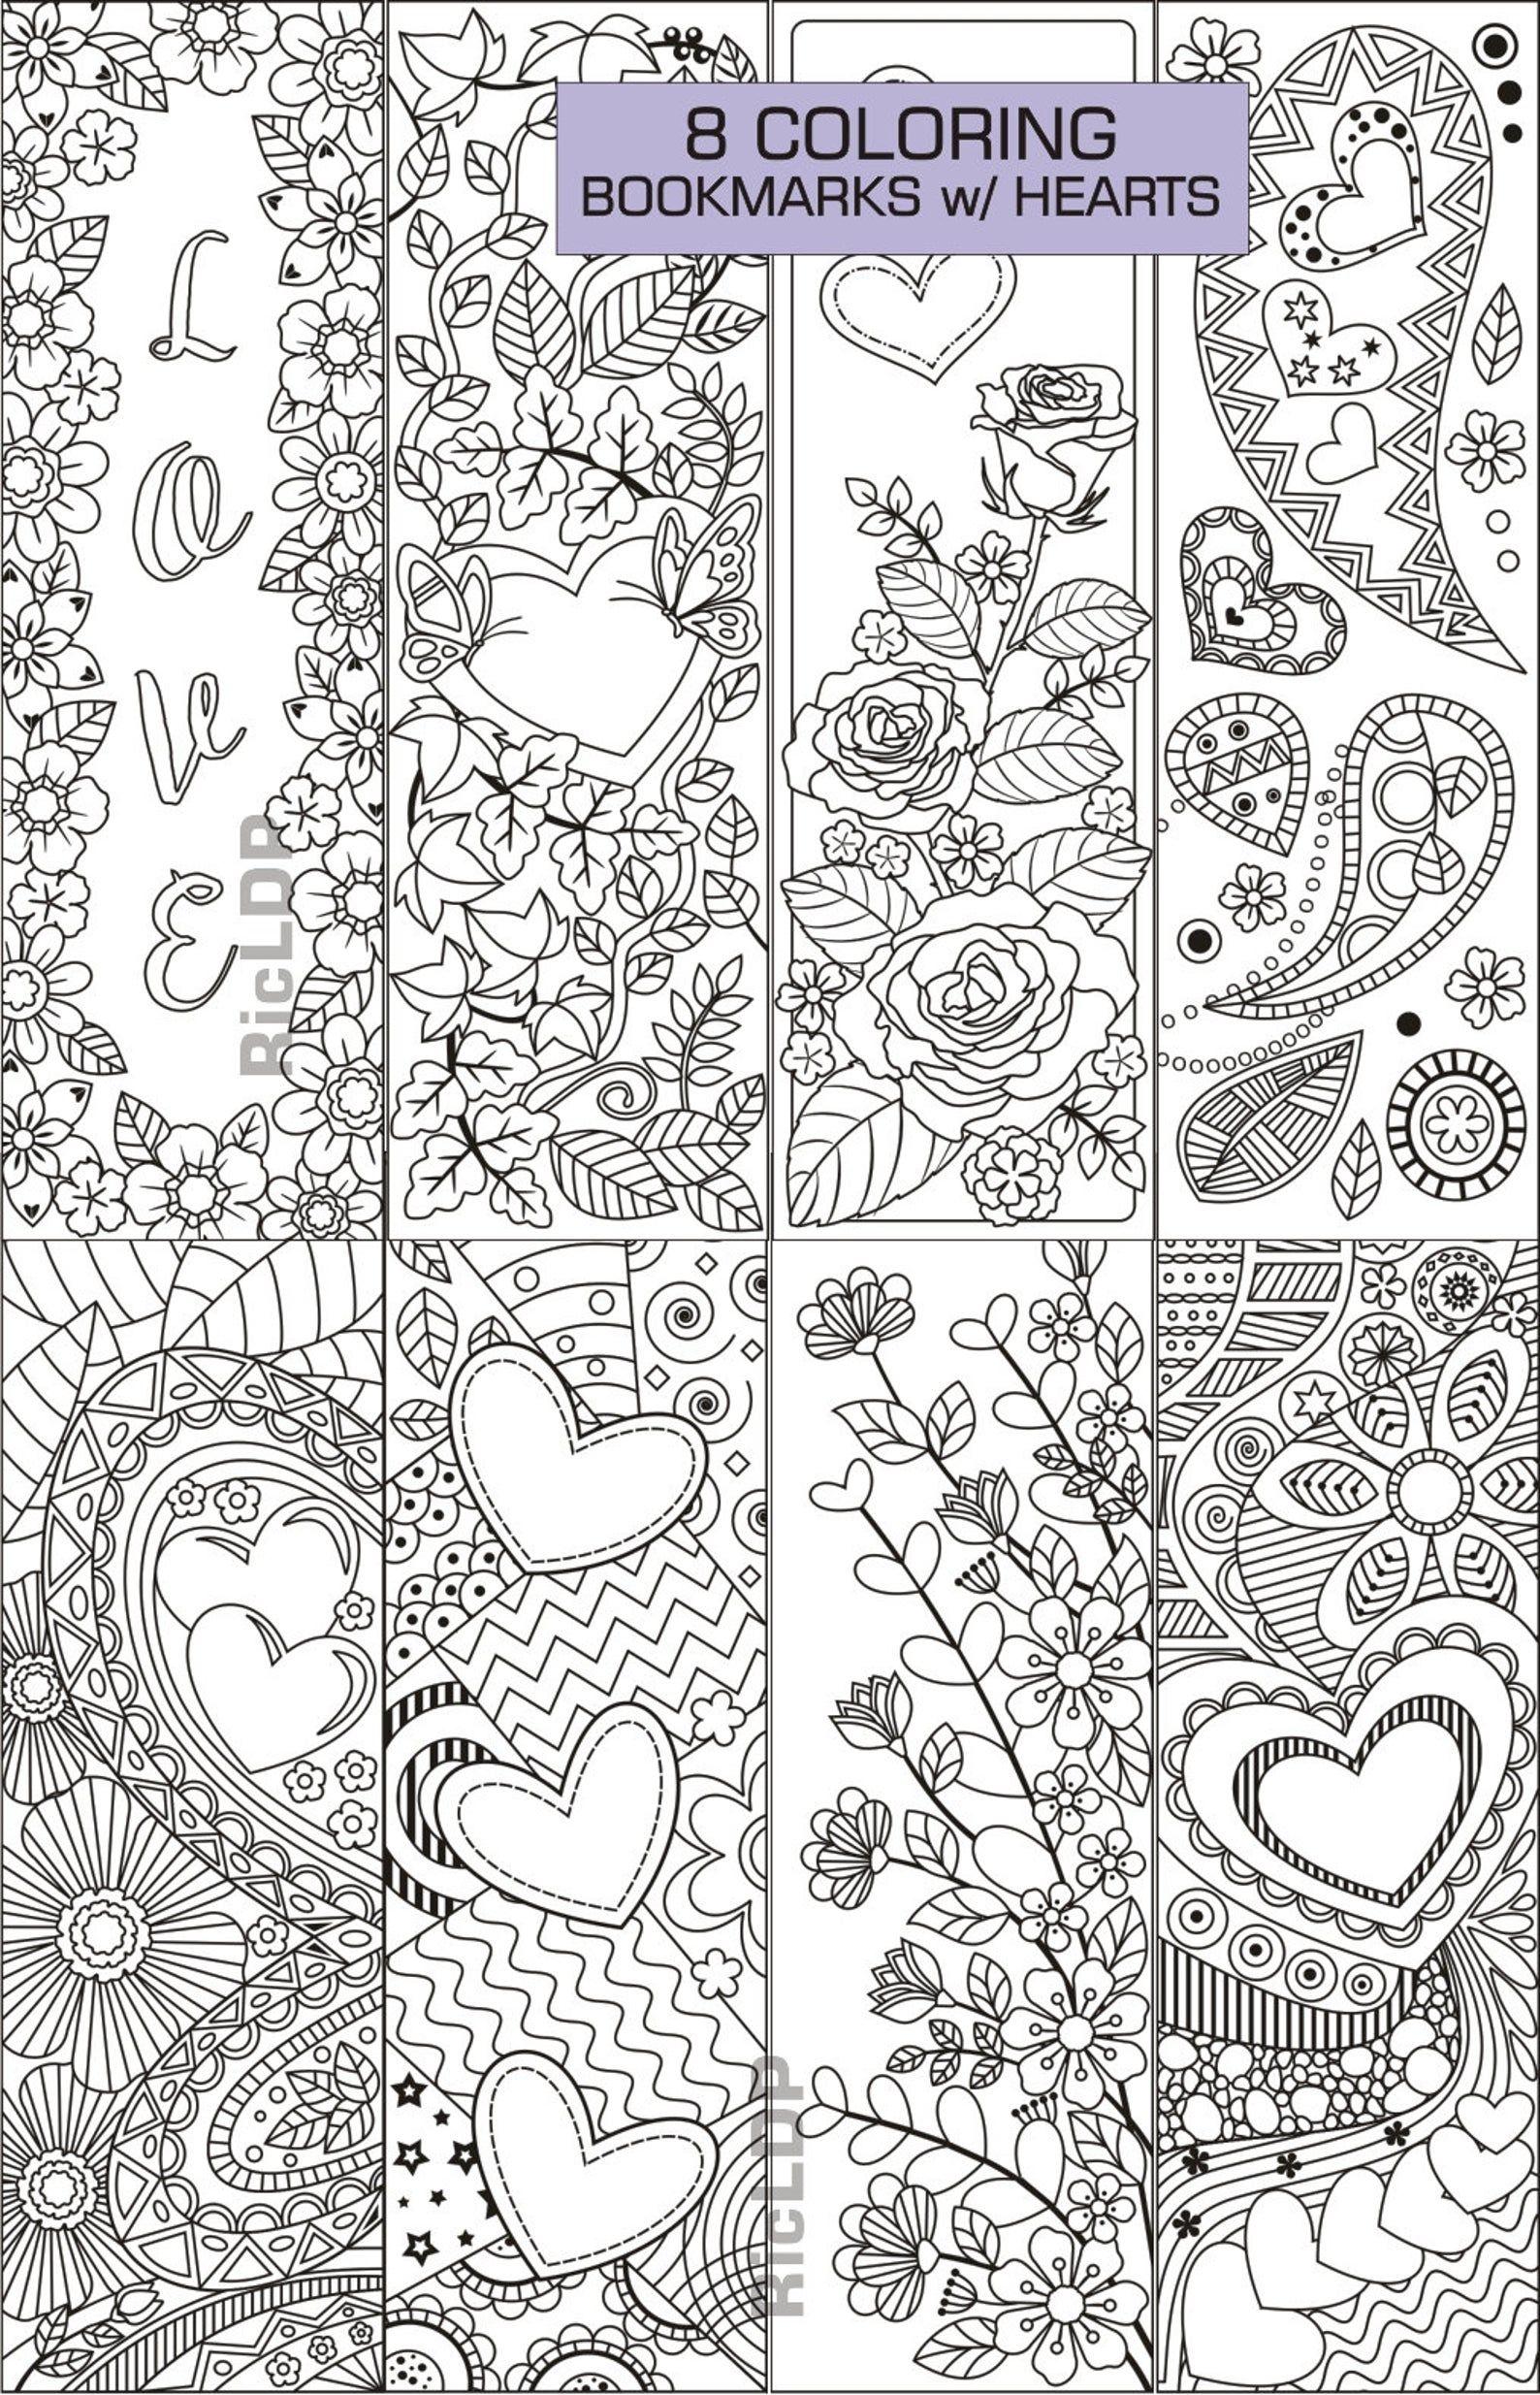 satz von 8 färbung lesezeichen mit herzen kunst doodles